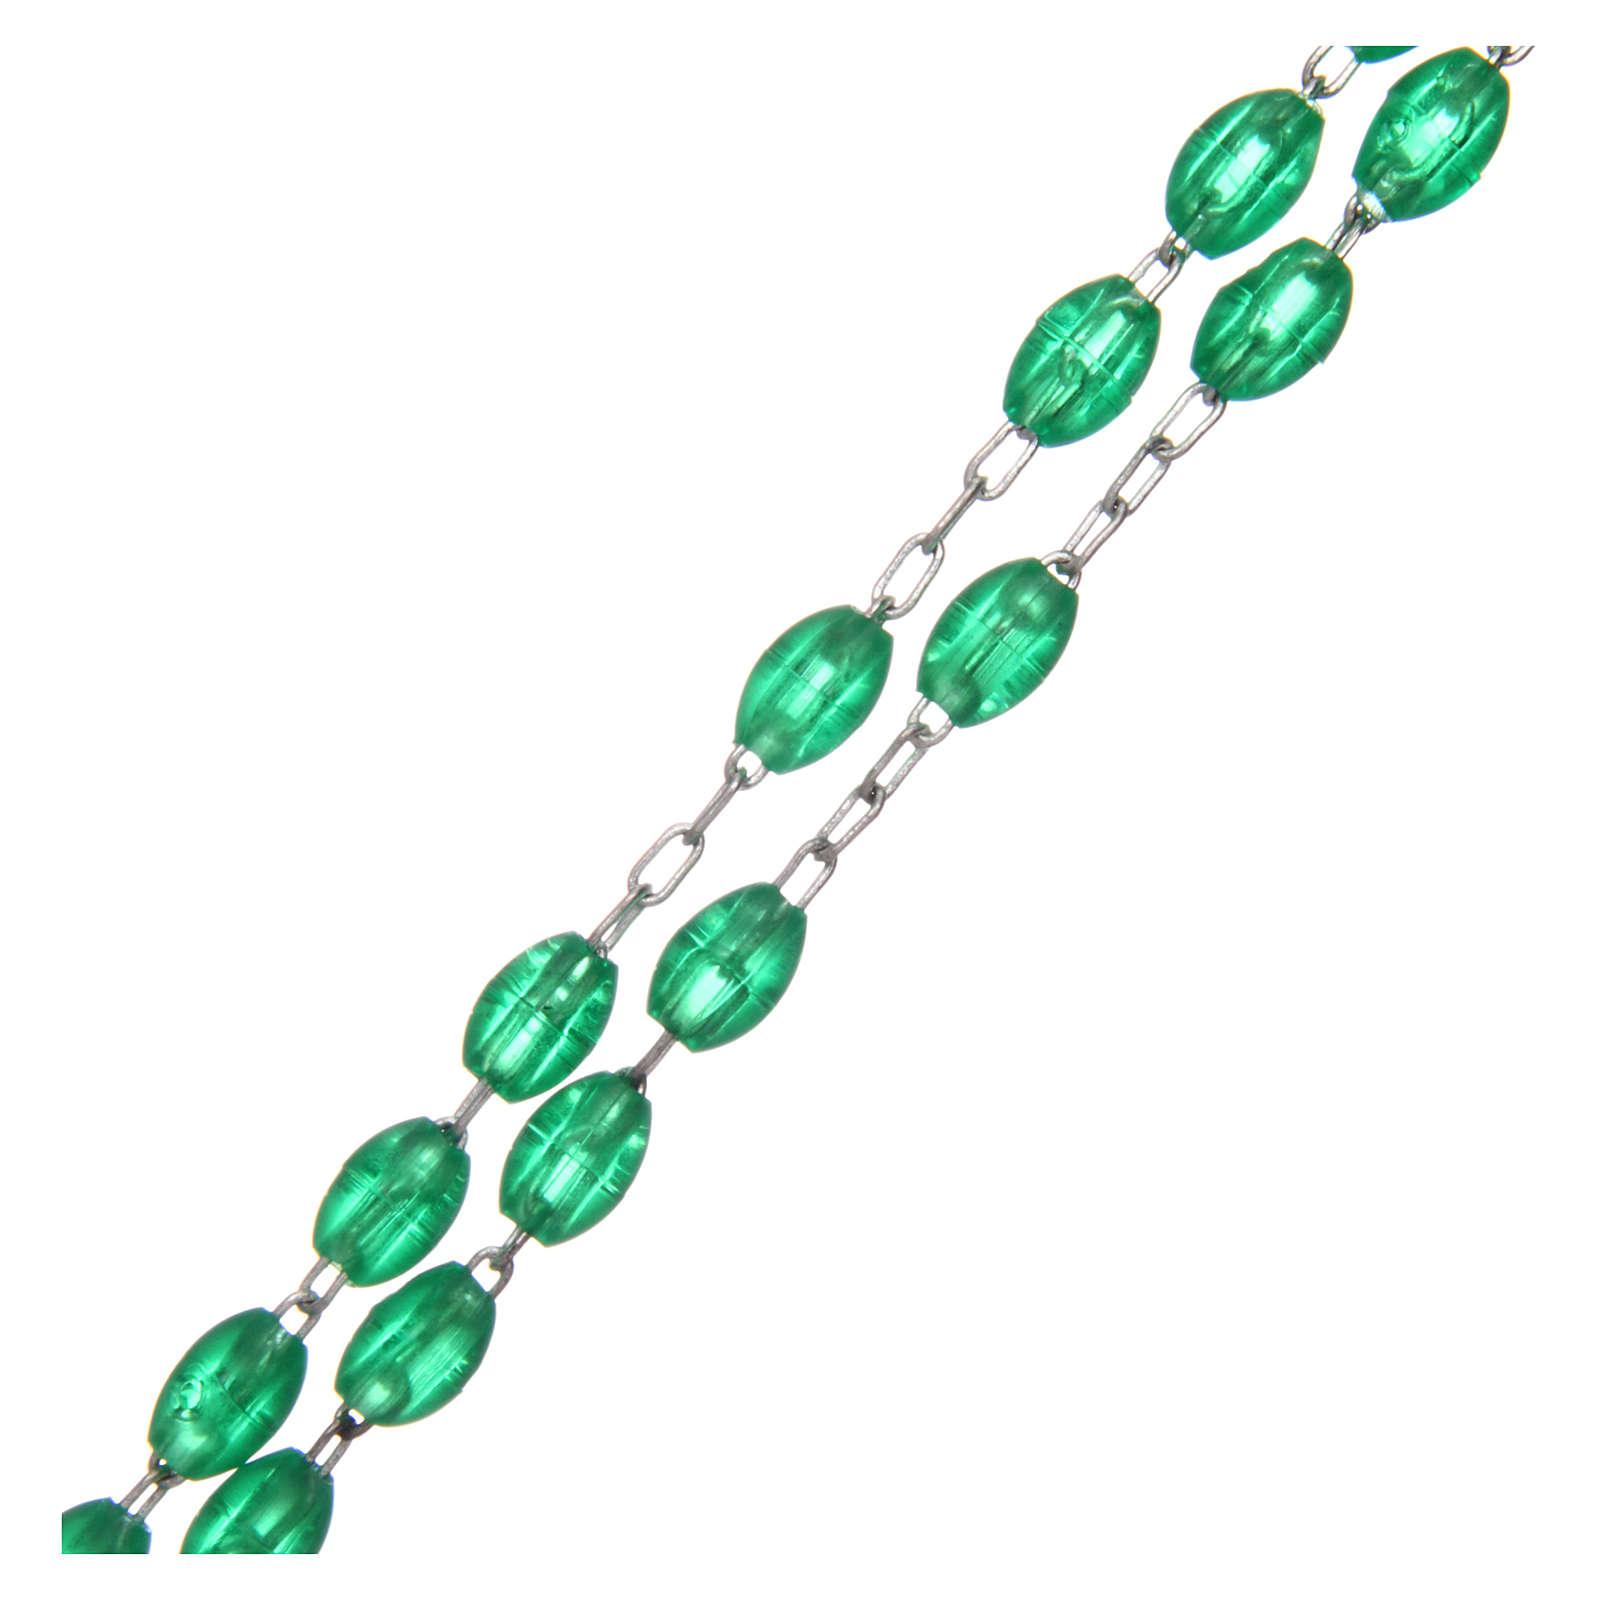 Rosario de plástico ovalado verde 5x3 mm 4